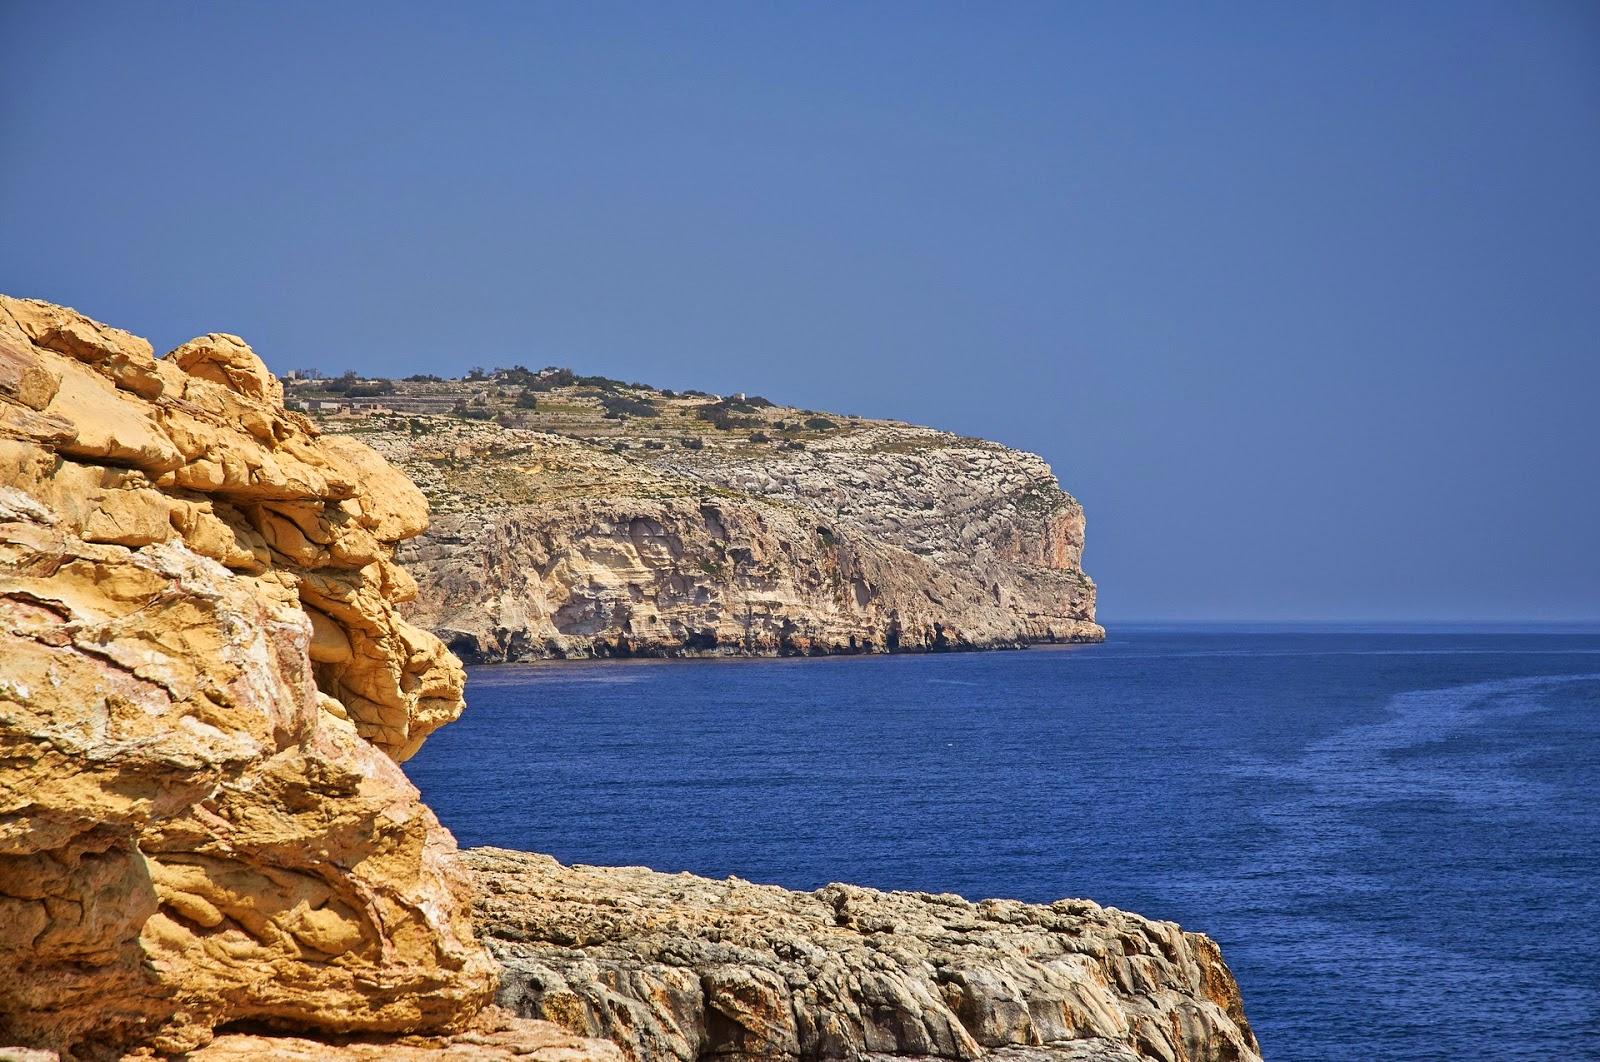 piękny kolor morza na Malcie gdzie?